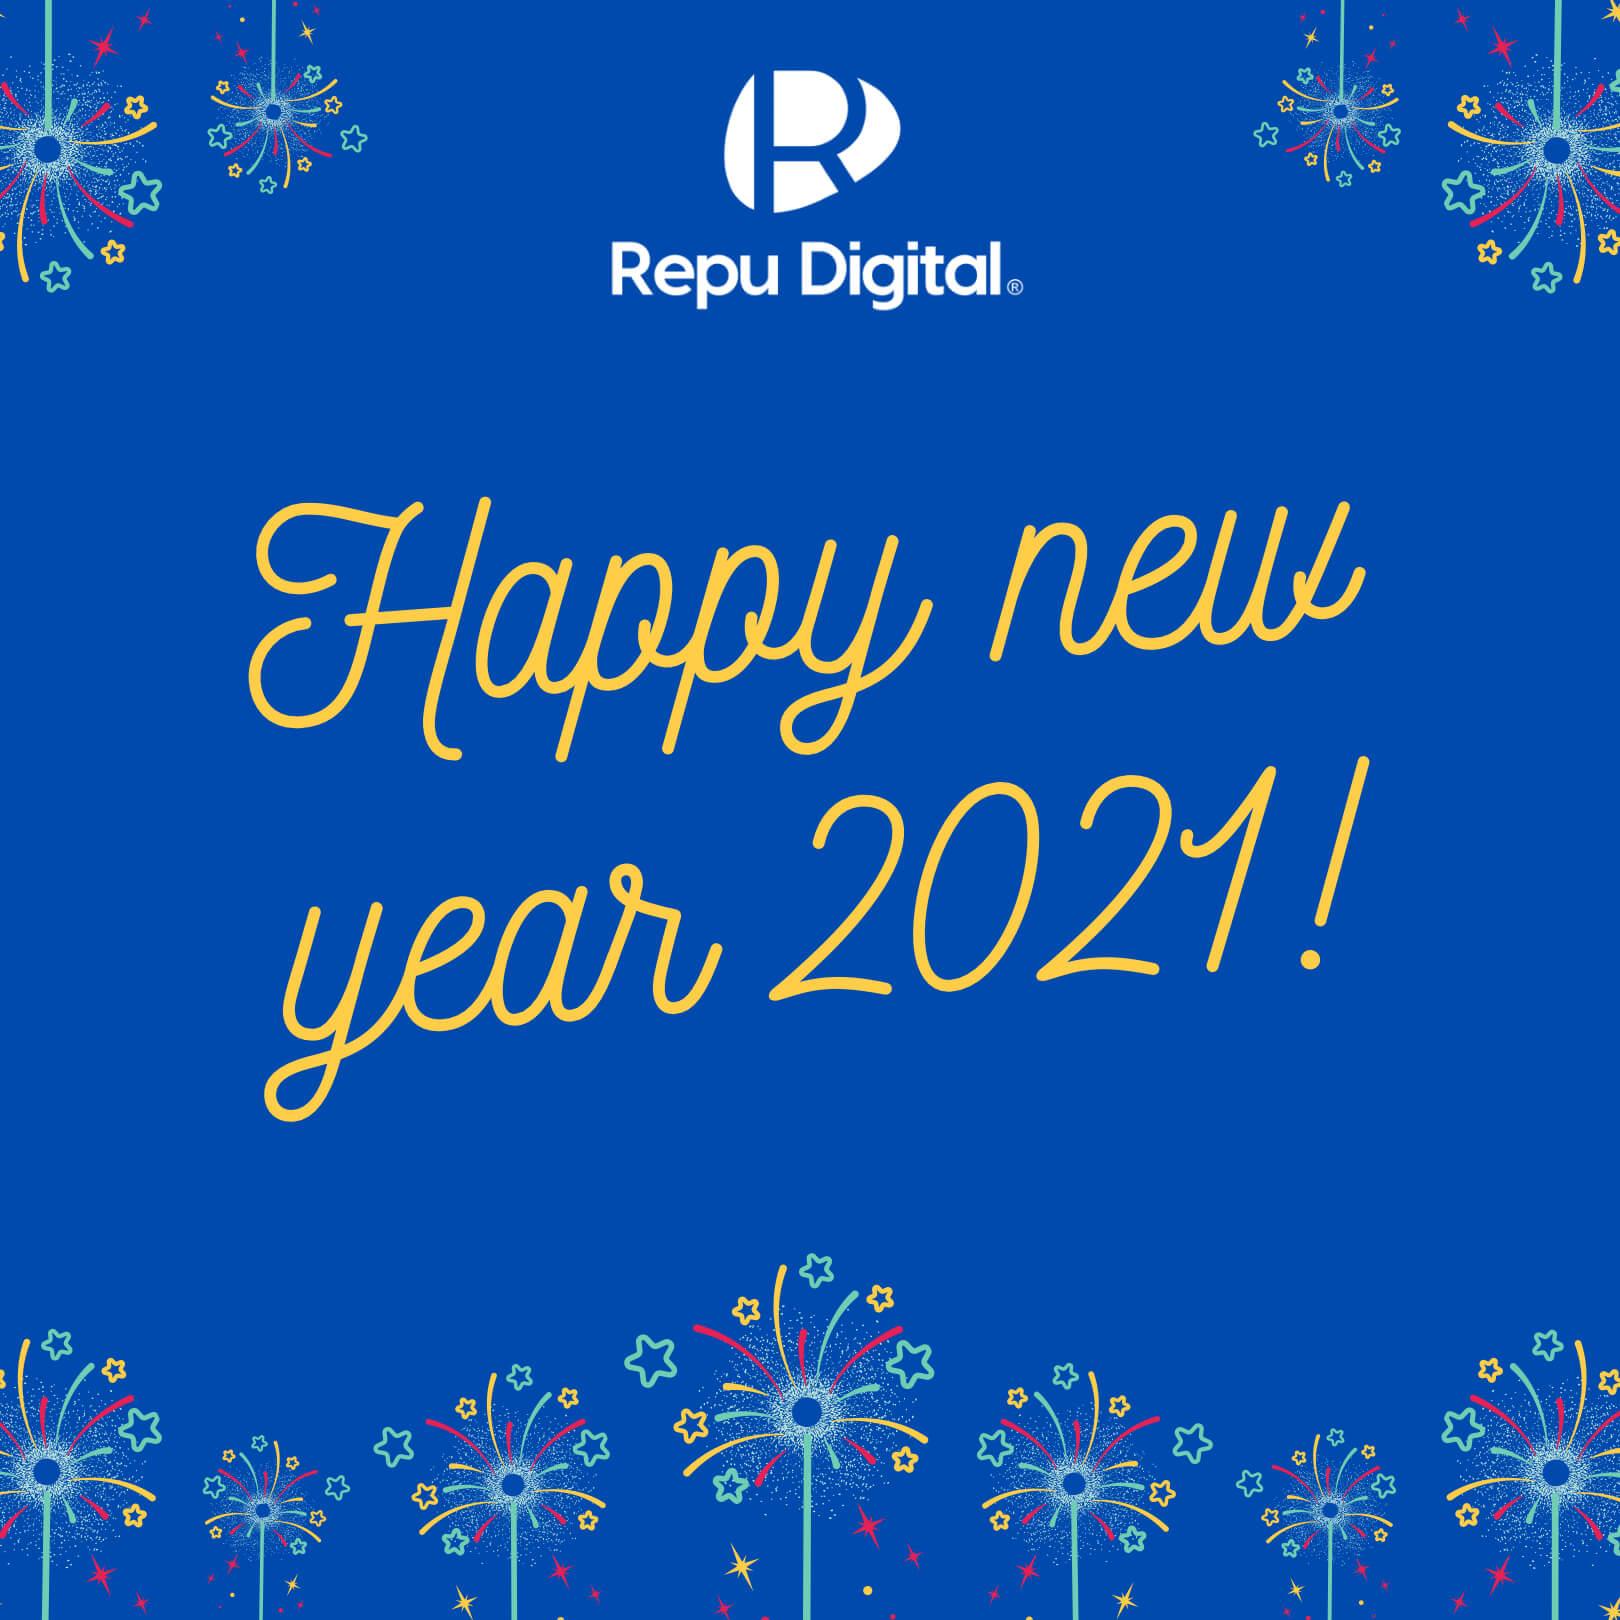 Chúc mừng năm mới 2021!